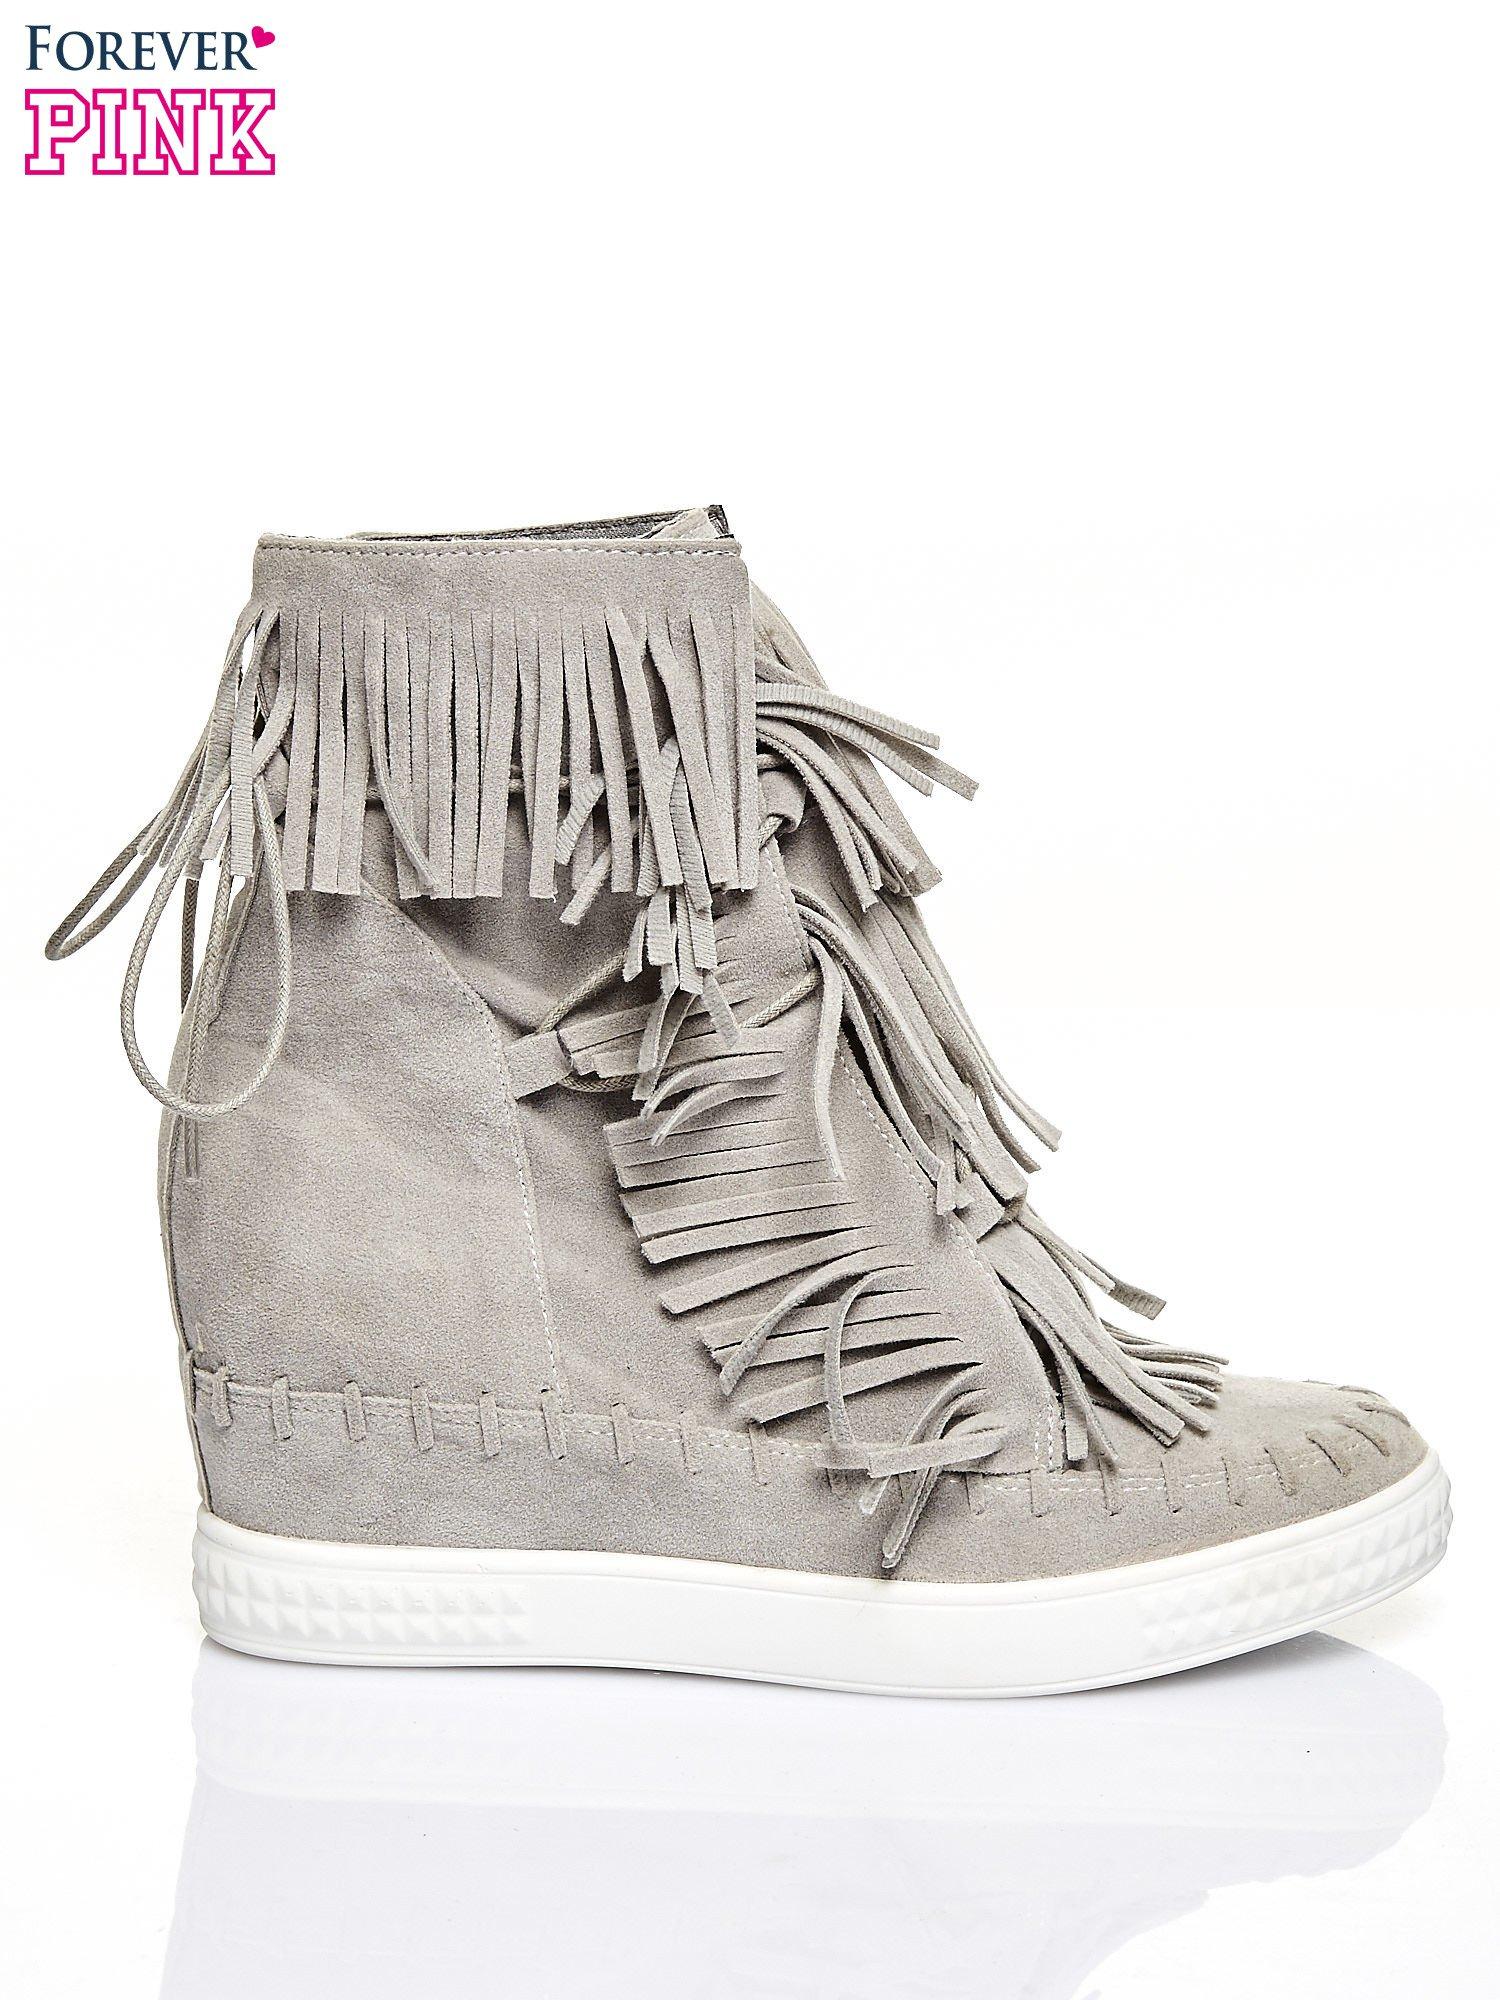 Jasnoszare sneakersy damskie z frędzlami                                  zdj.                                  1